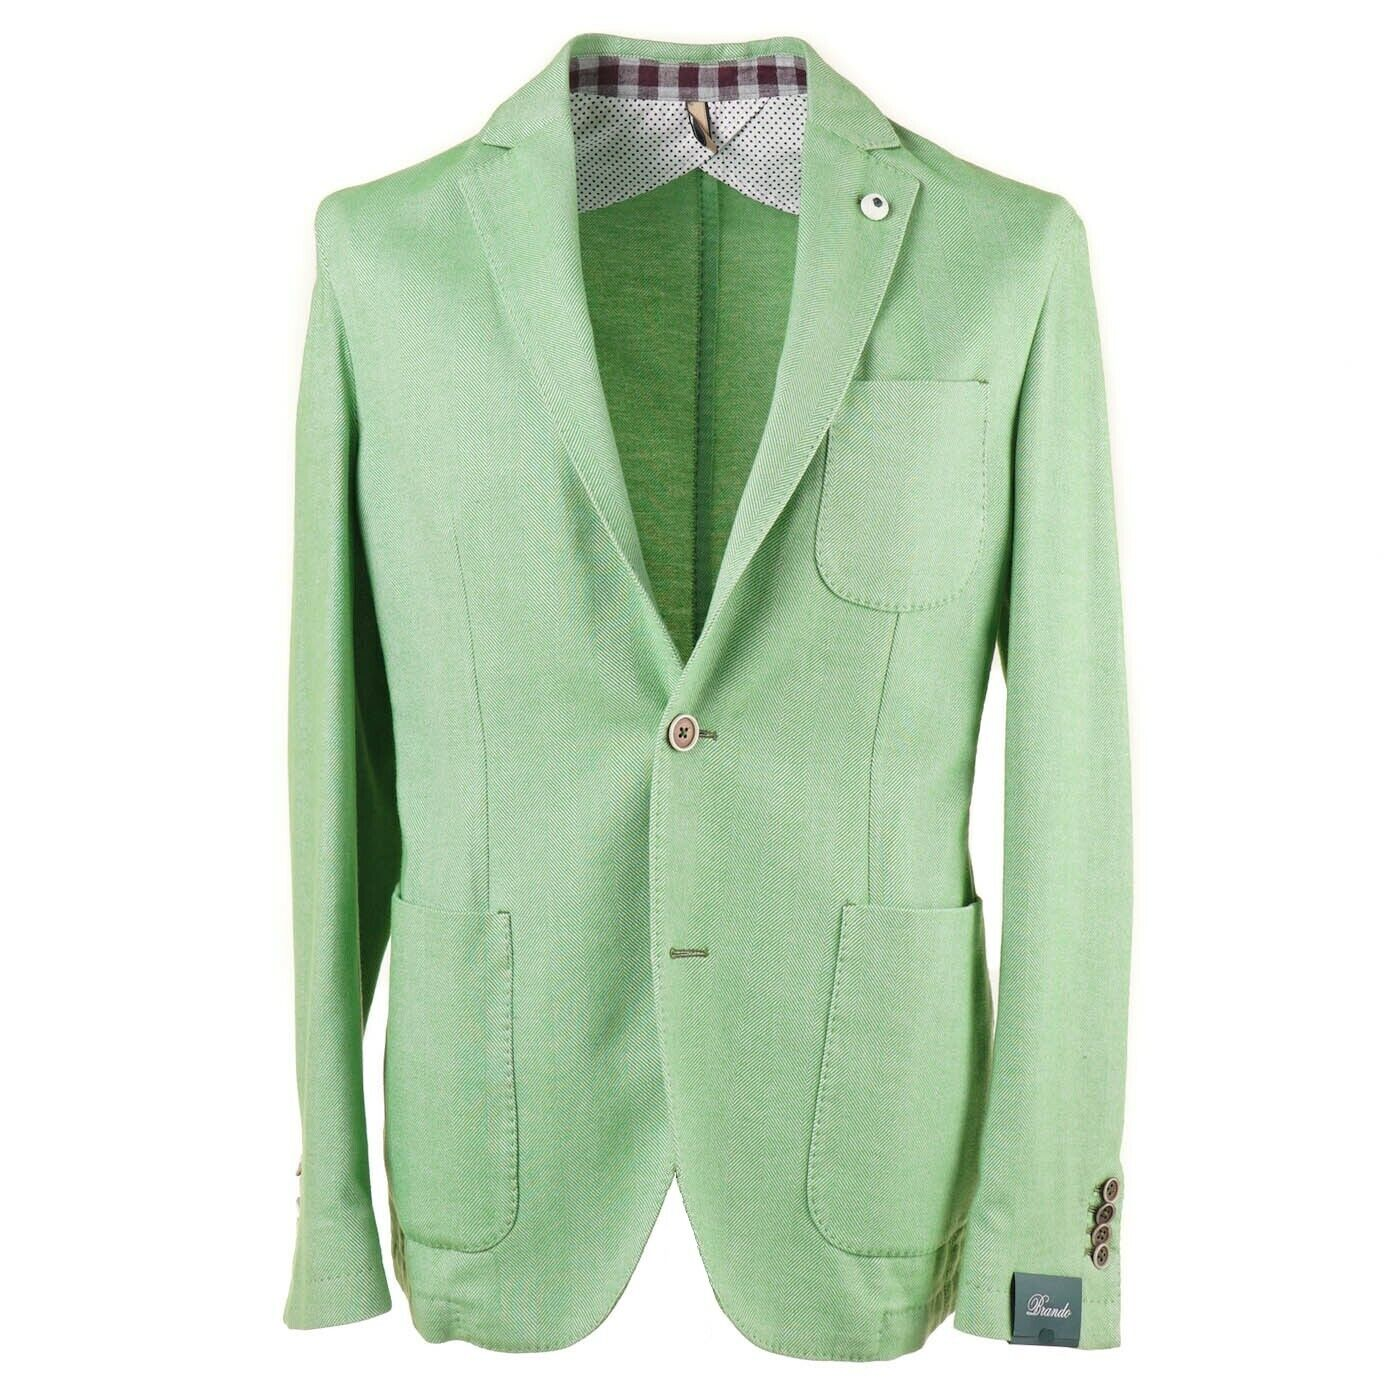 NWT  L.B.M. 1911 Melon Green Herringbone Extra-Soft Cotton Sport Coat 40 R